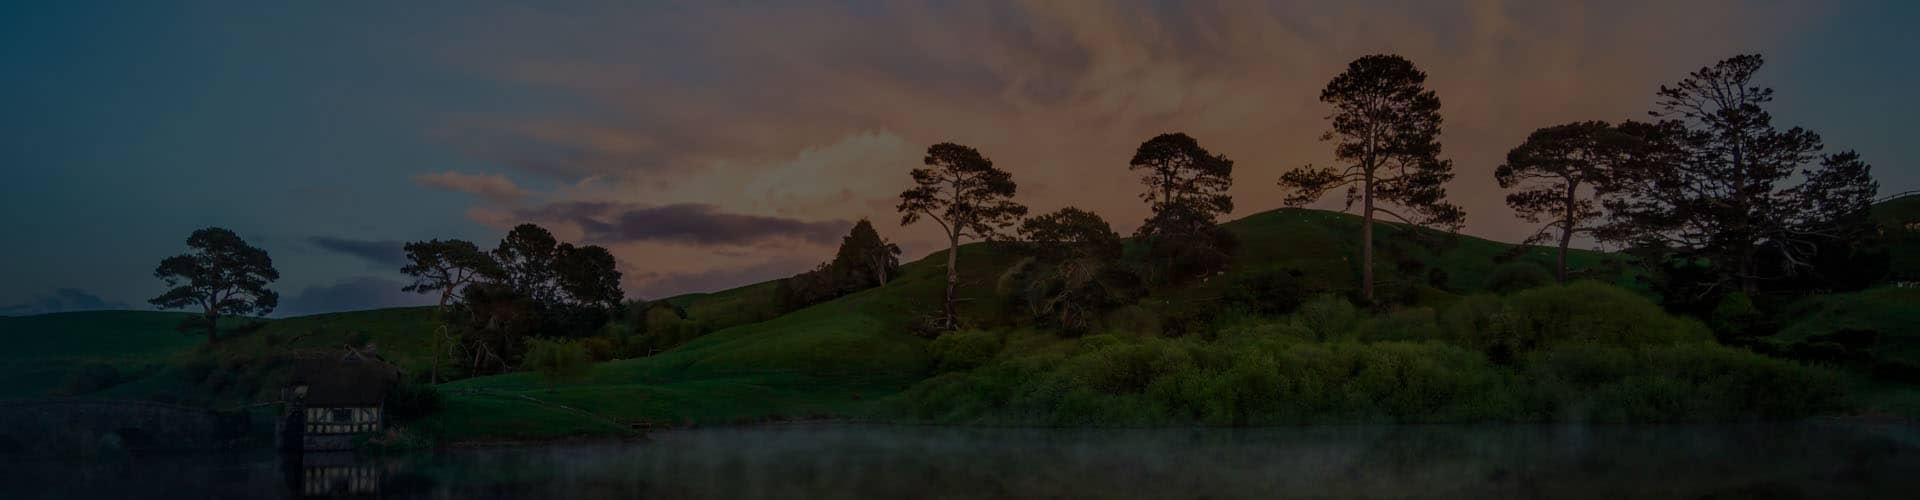 Новозеландский пейзаж на закате